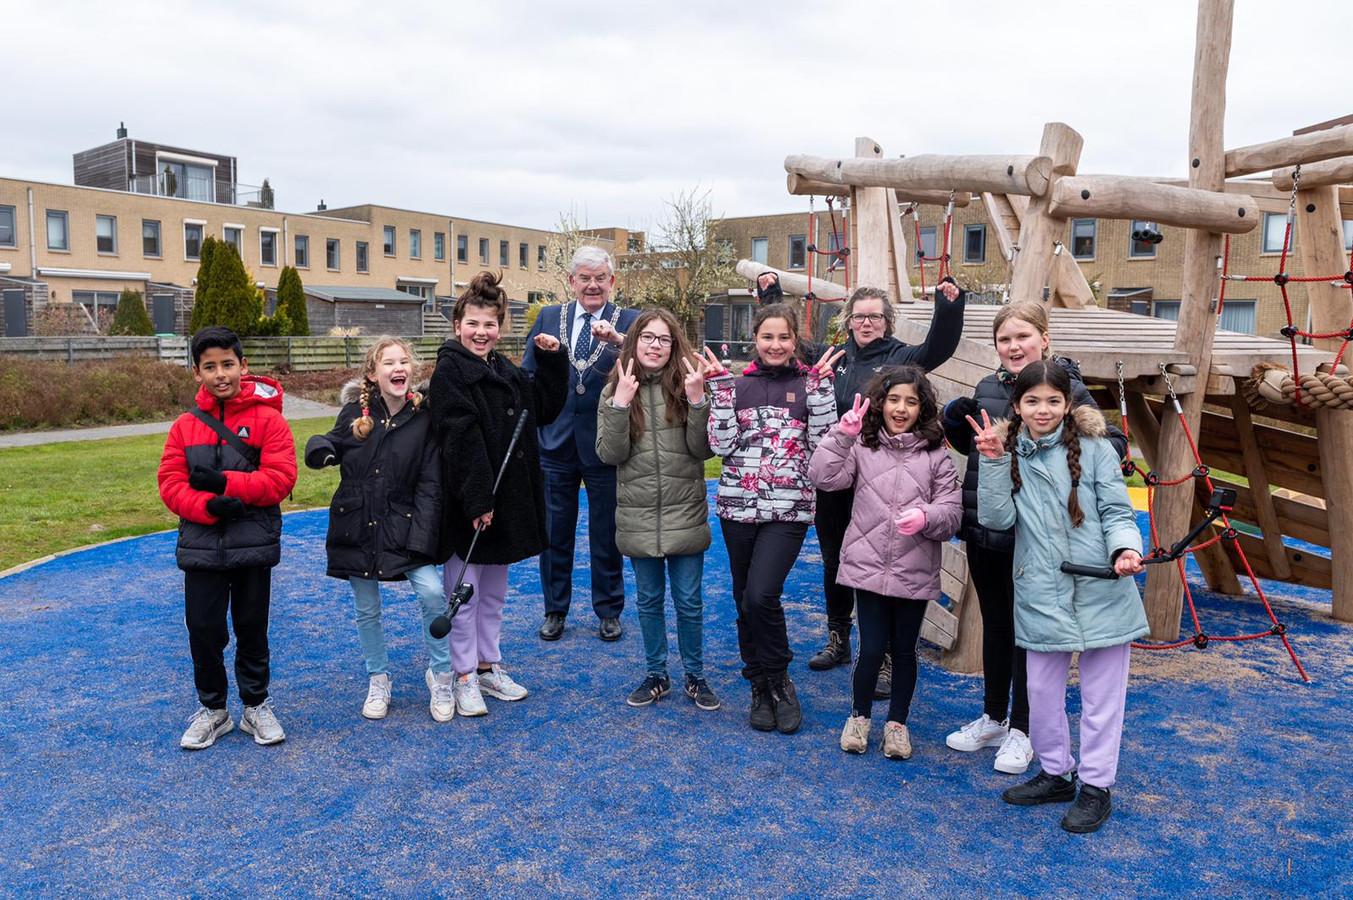 De kinderen van de Glazenmakerhof in Leidschenveen helpen burgemeester Jan van Zanen bij de opening van hun nieuwe speeltuin die ze zelf hebben helpen bedenken.